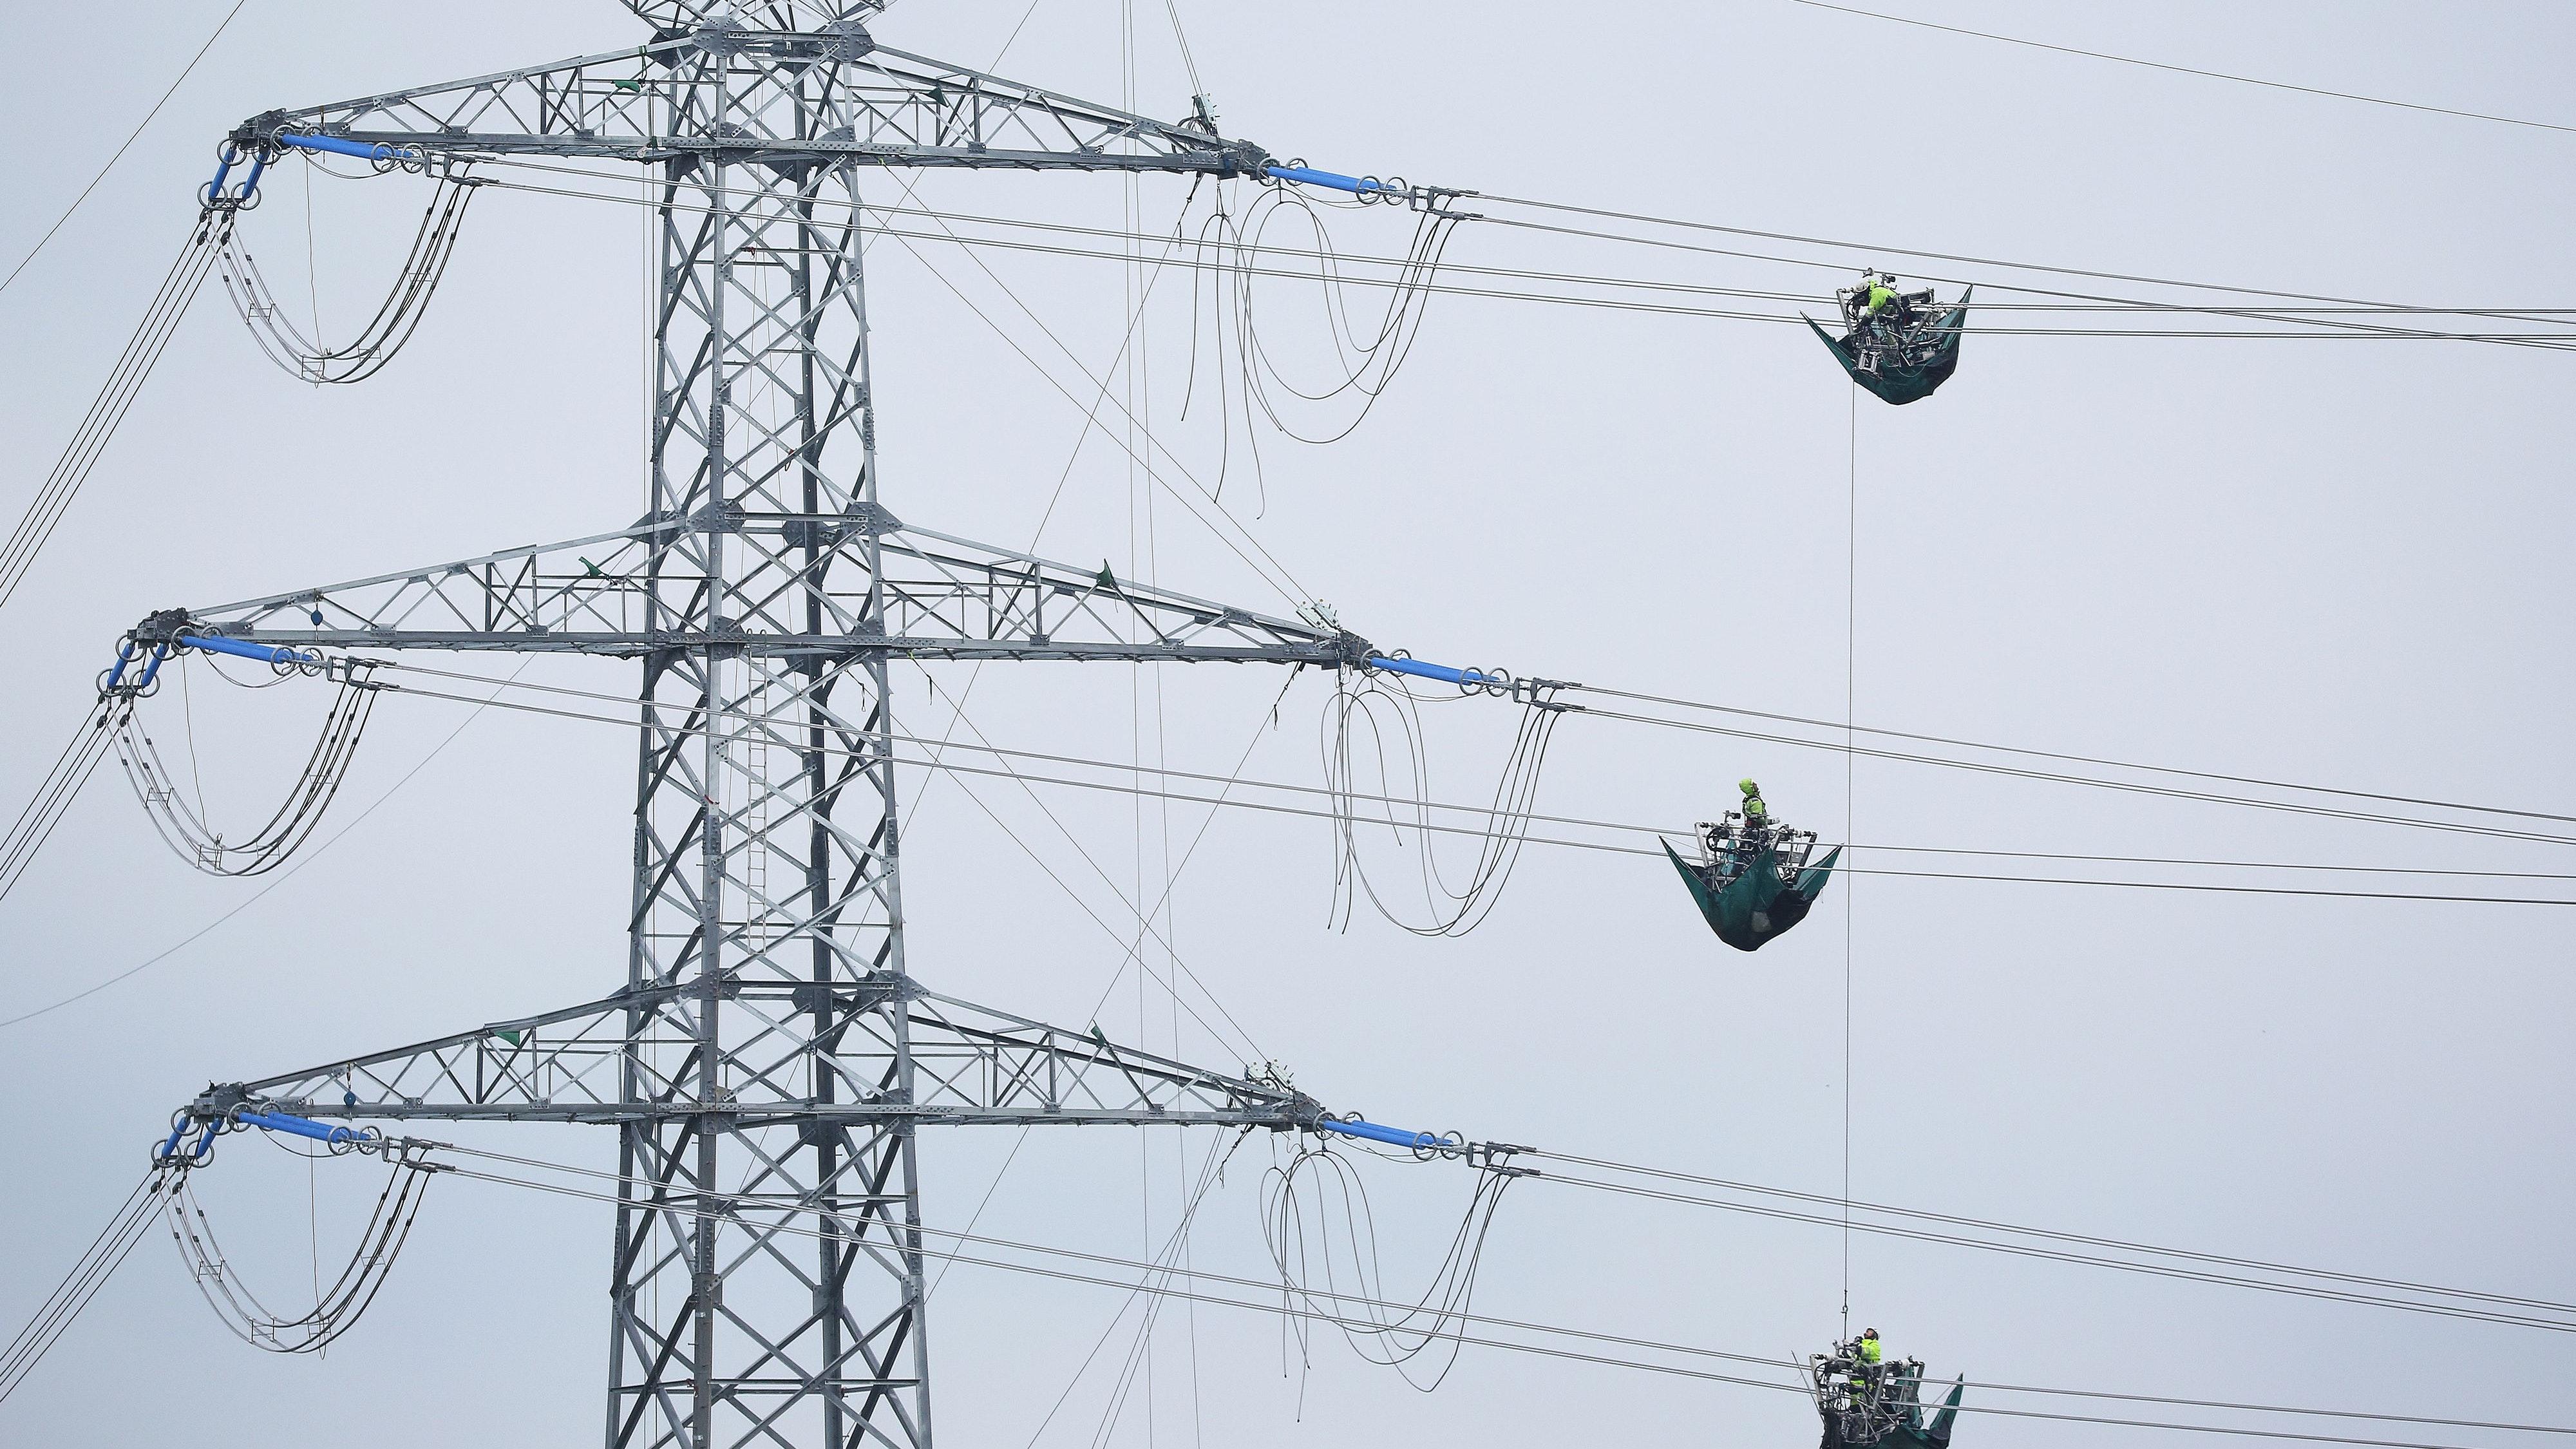 Bald auch im Kreis Cloppenburg: Tennet will im kommenden Jahr mit dem Bau der Stromtrasse beginnen. Symbolfoto: dpa/Warnack